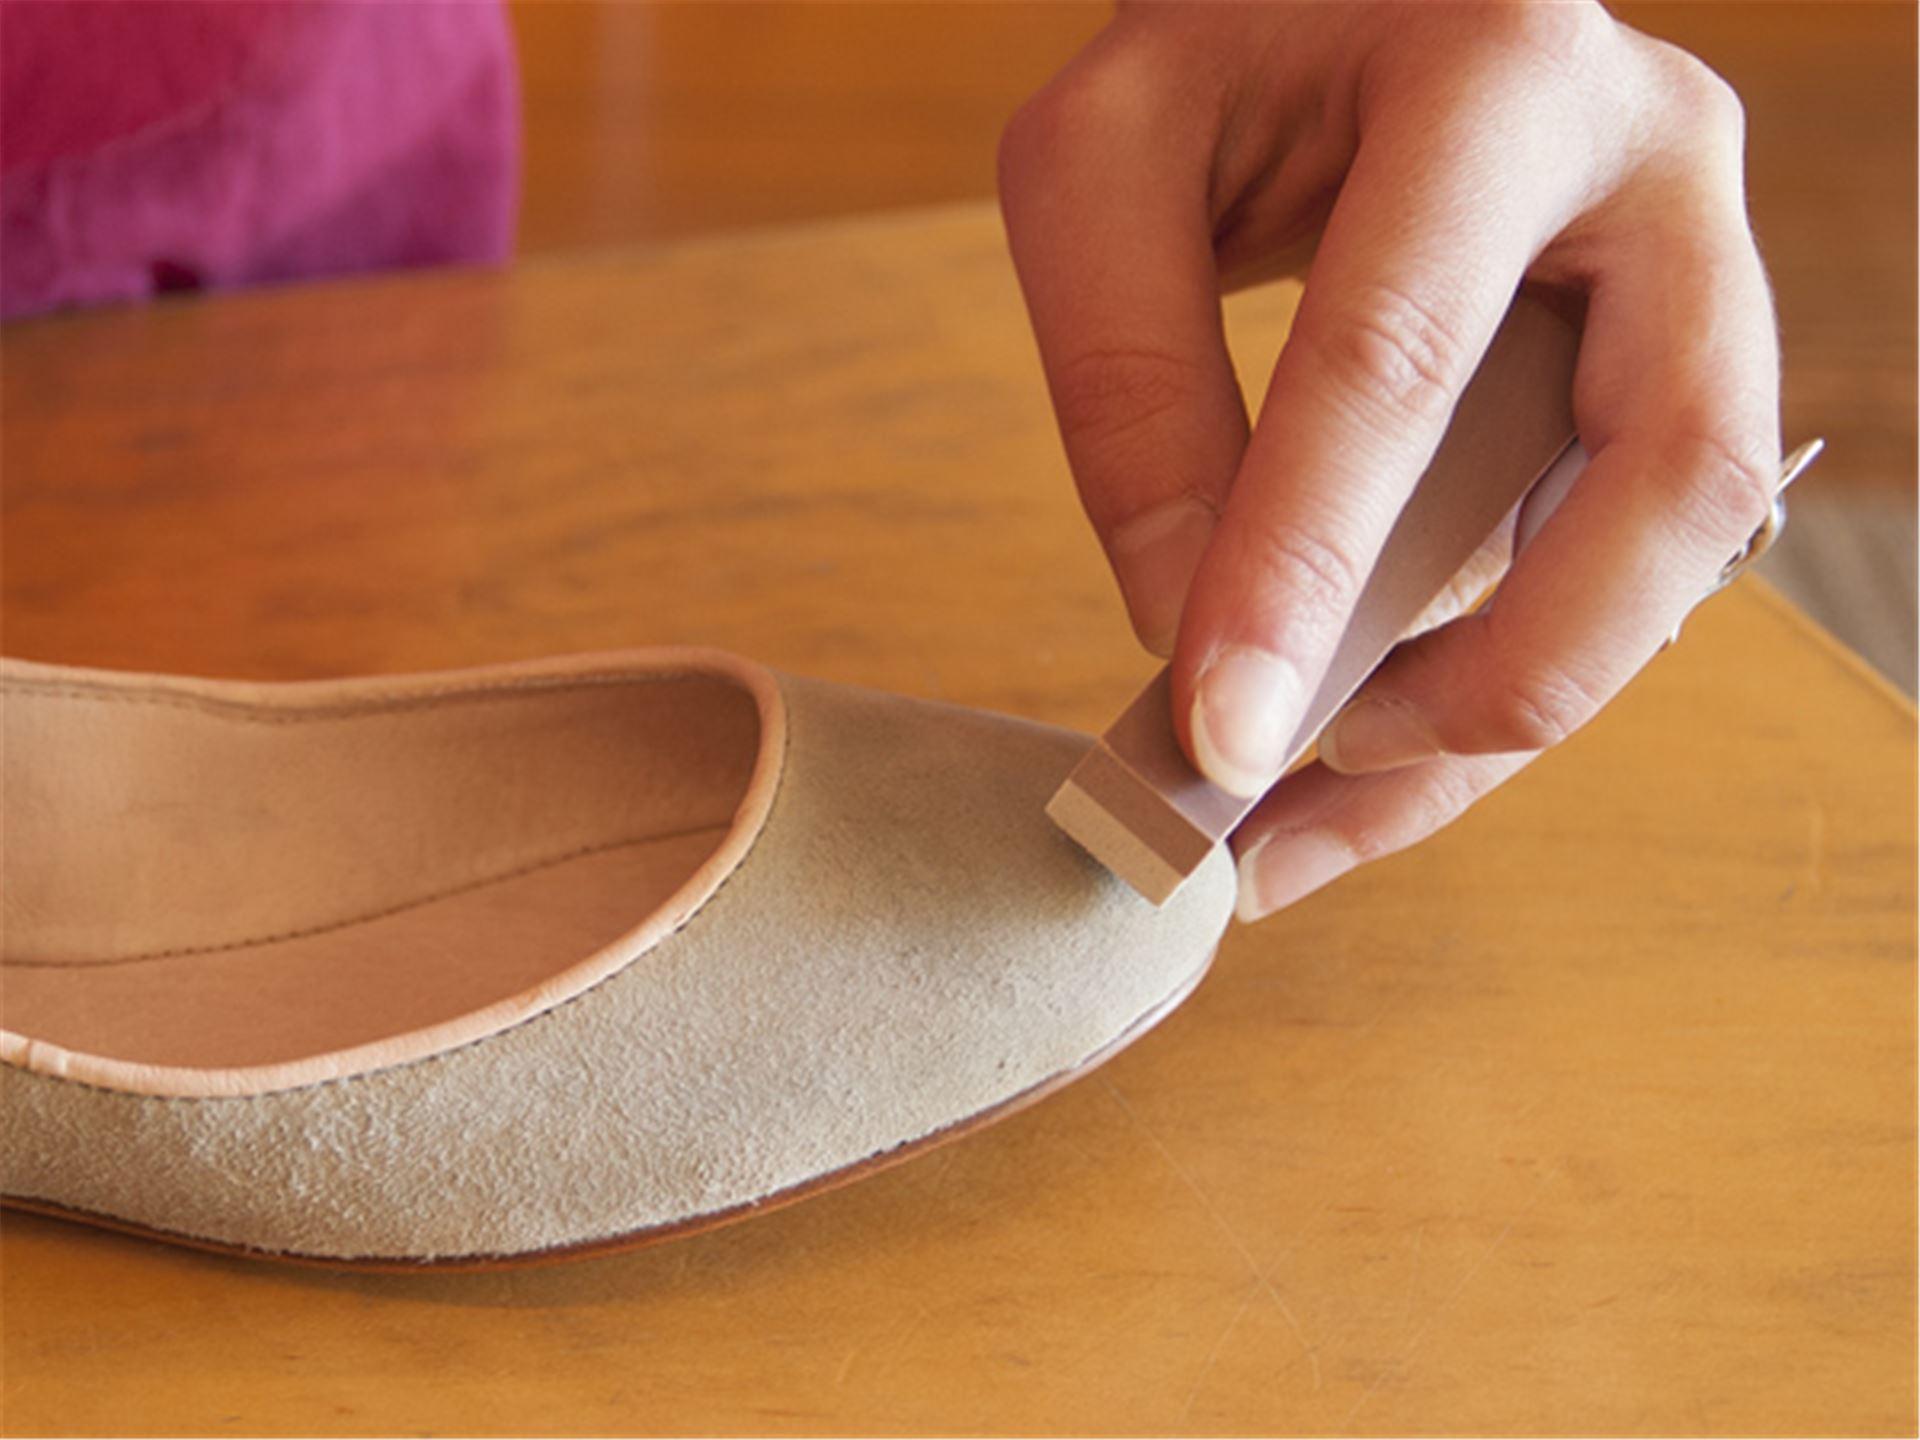 Чем почистить замшевые обувь в домашних условиях